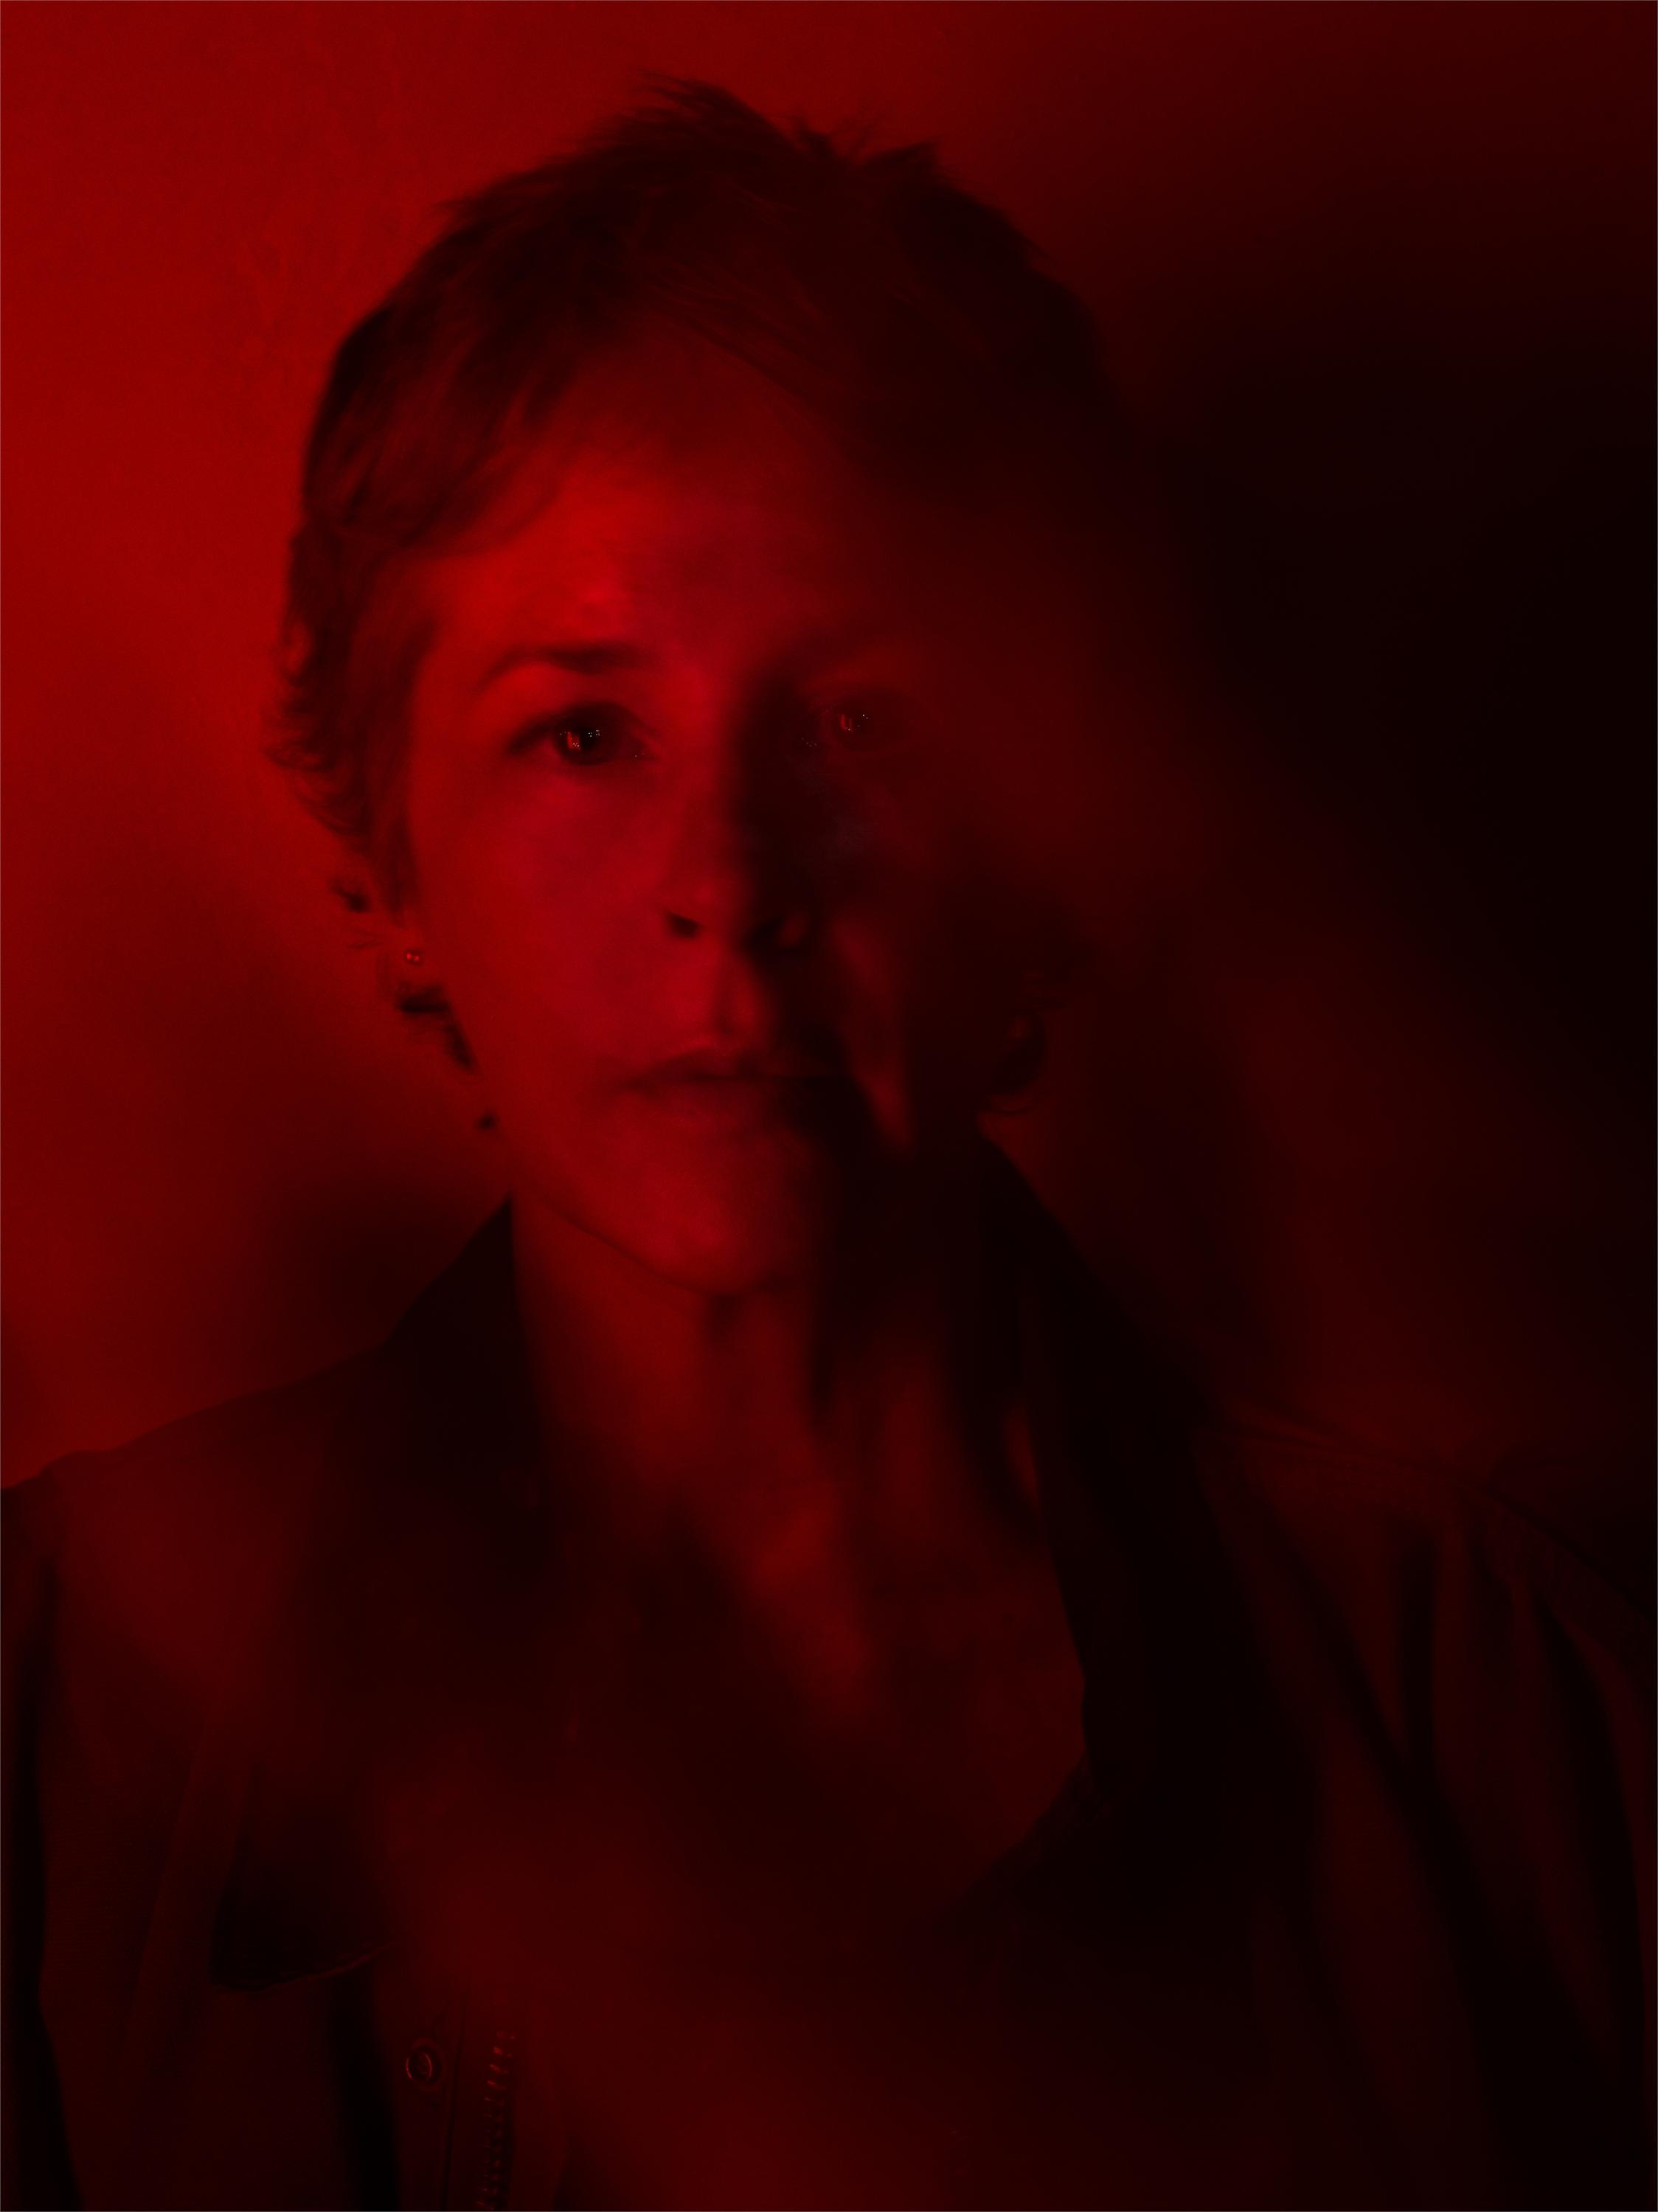 carol-peletier-the-walking-dead-7-temporada-002-2